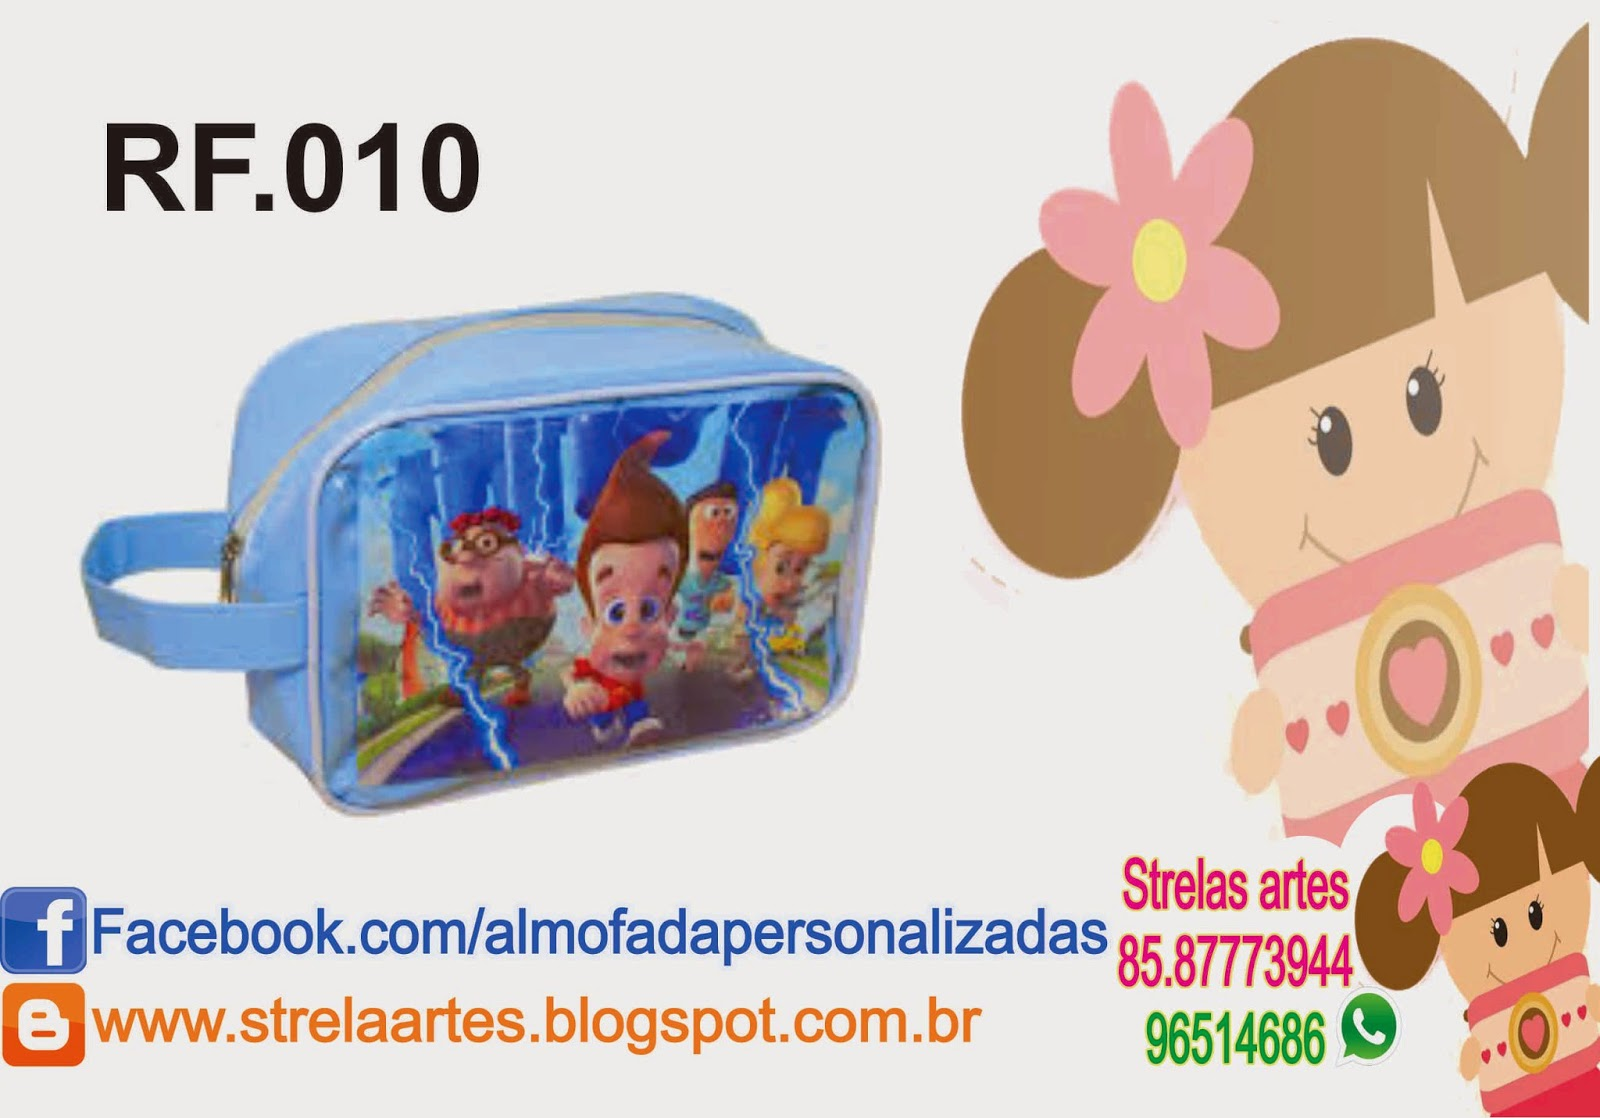 1241ca3779 Strela s Artes    Lembrancinhas personalizadas!!!!  Bolsinhas ...